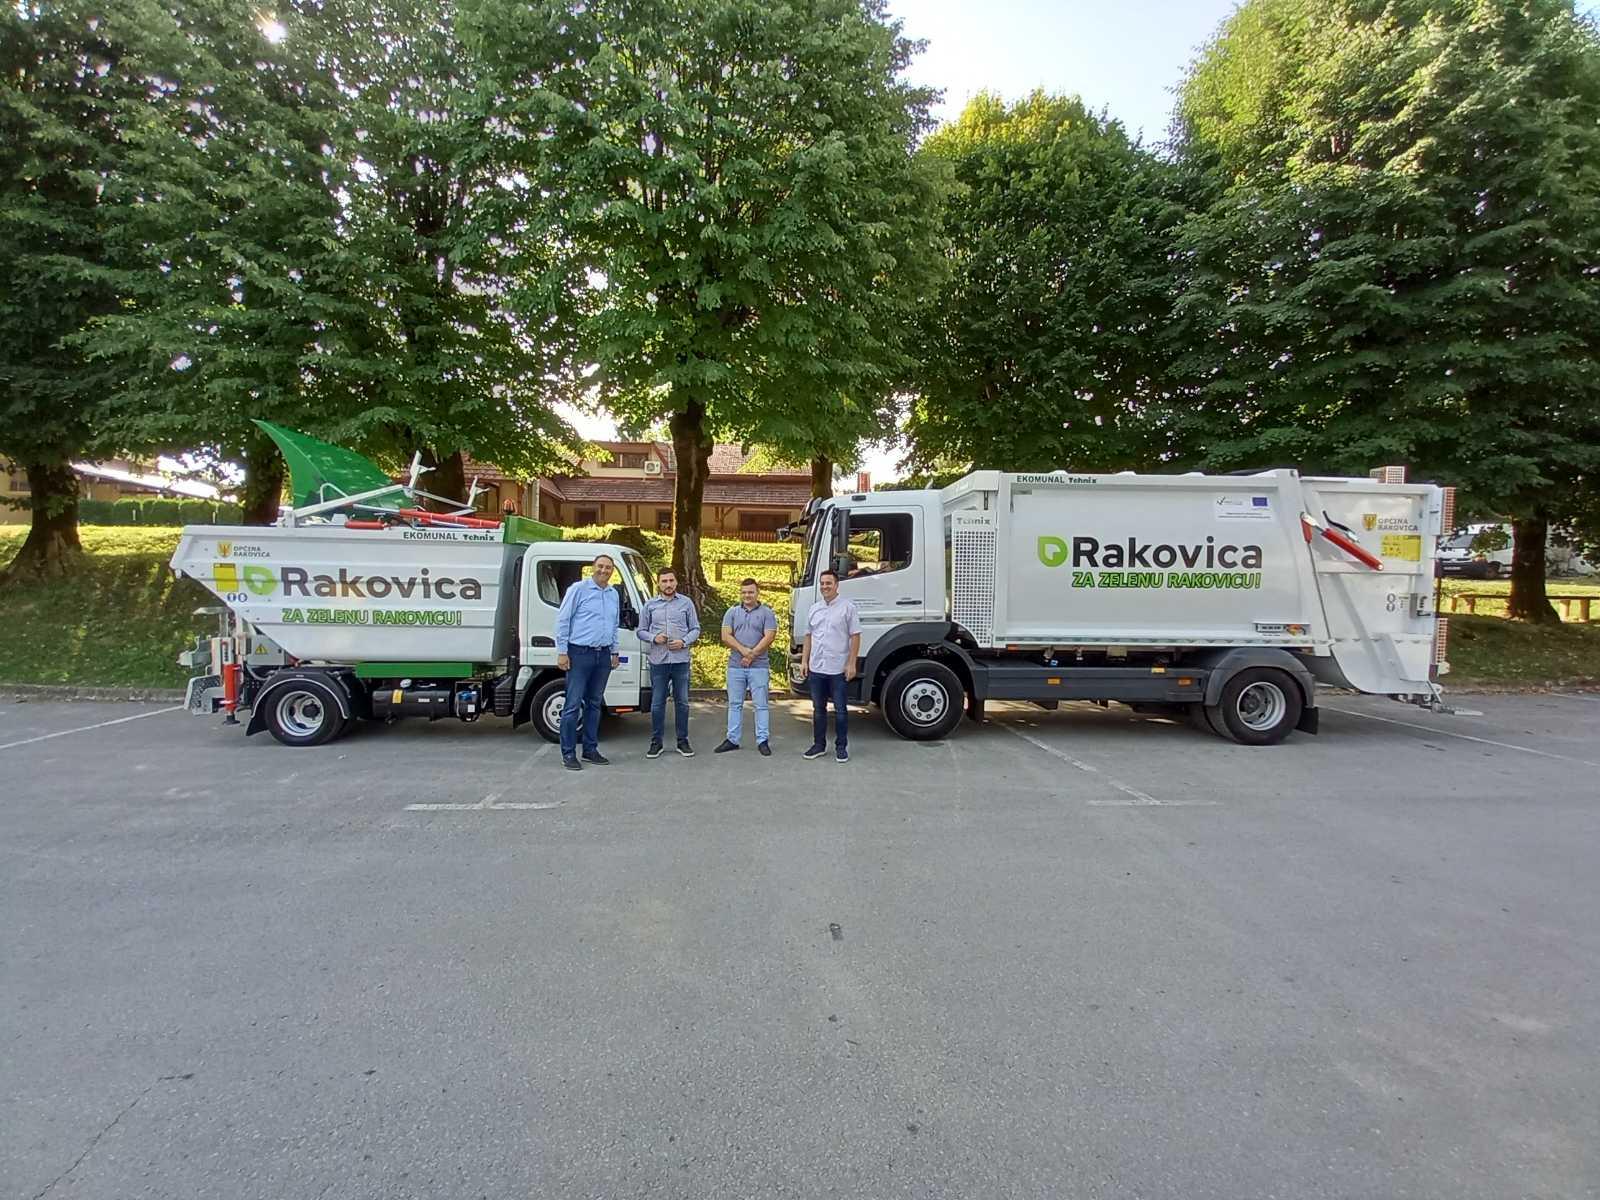 For Green Rakovica